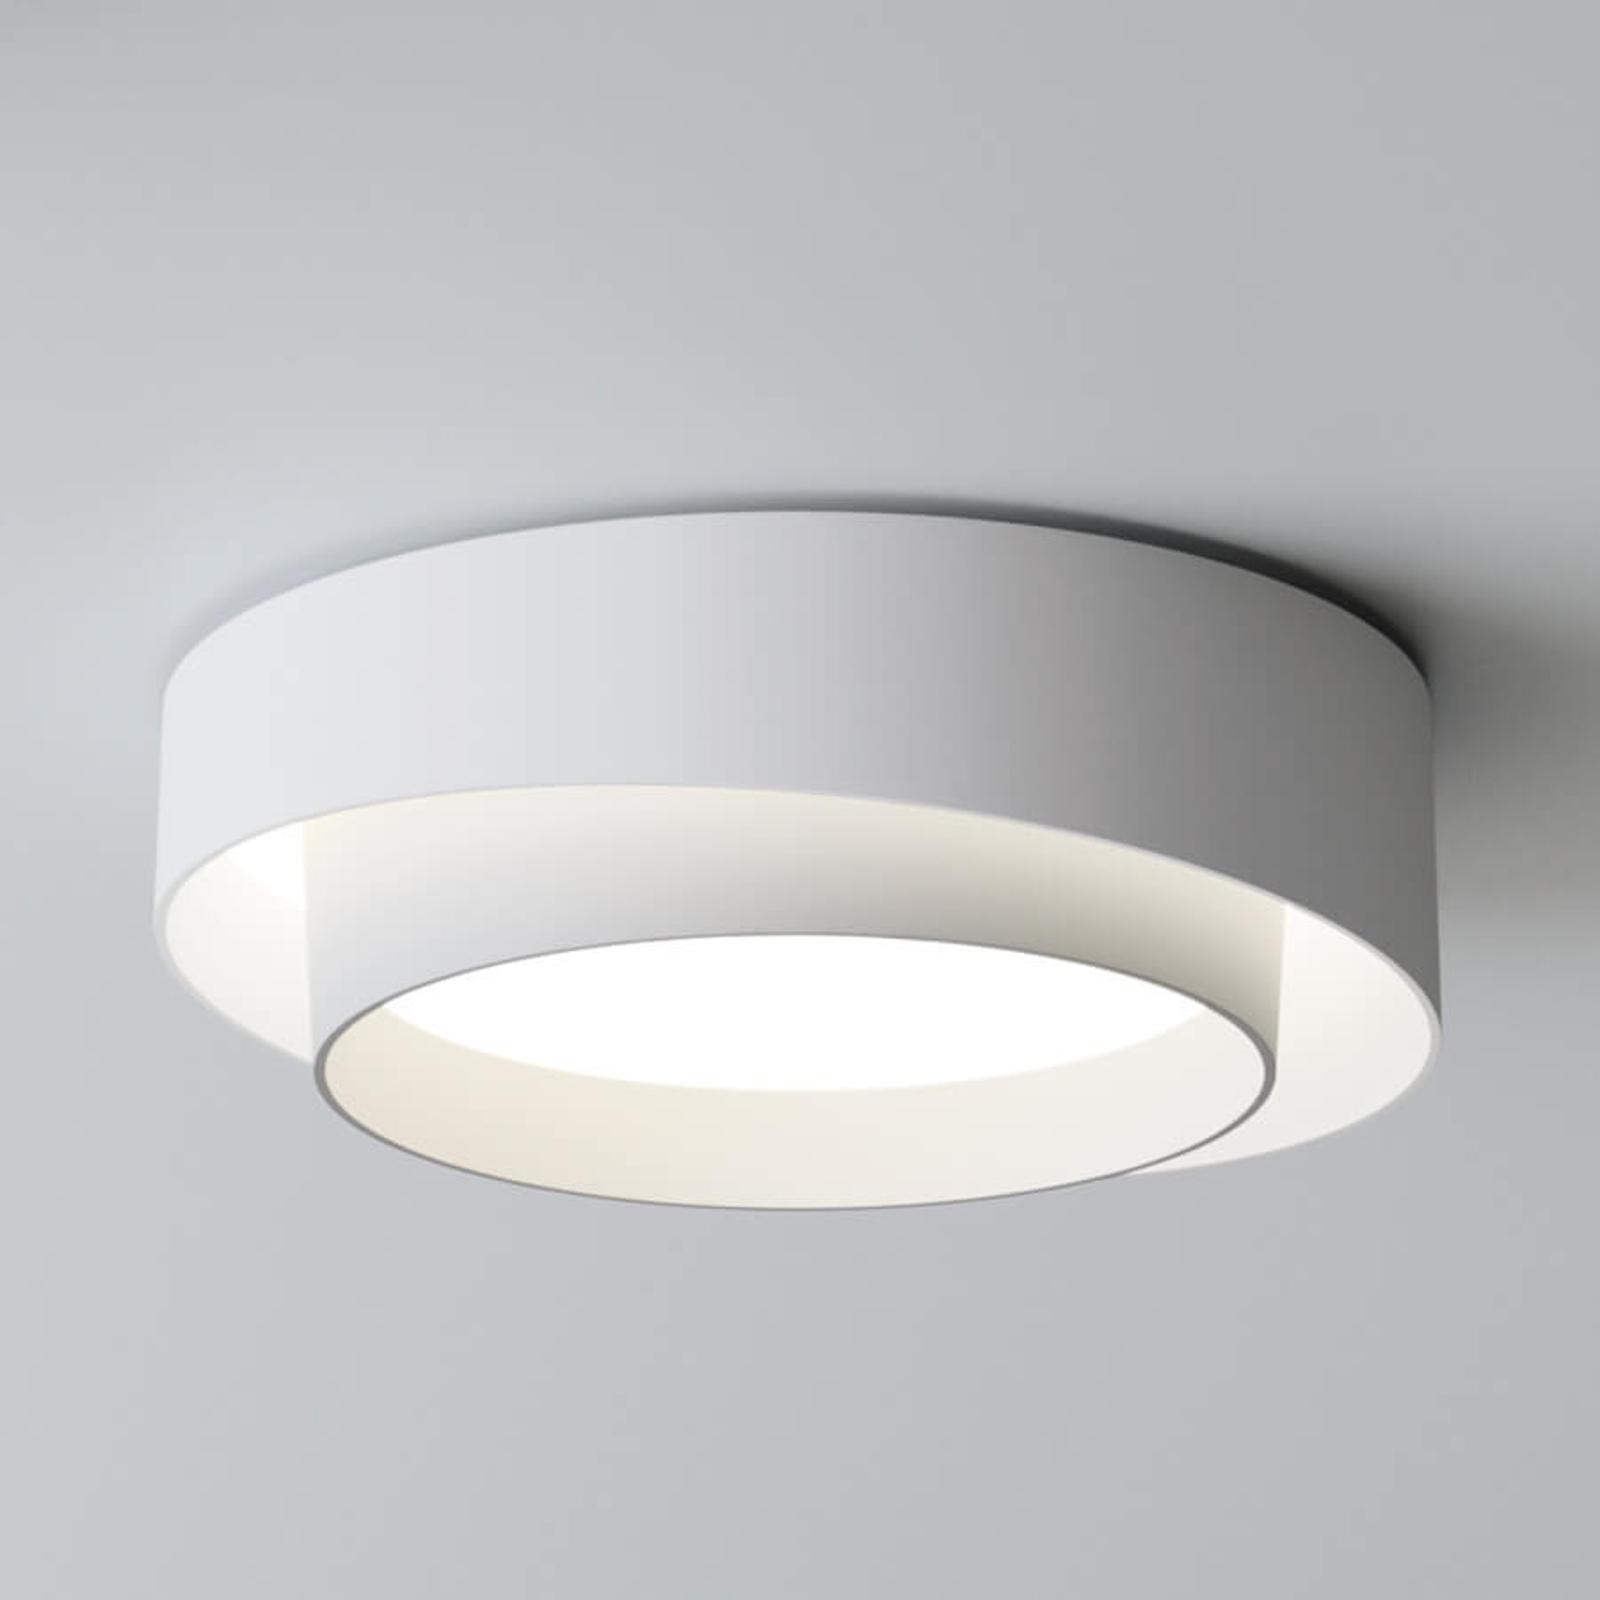 Valkoinen LED-design-kattovalaisin Centric